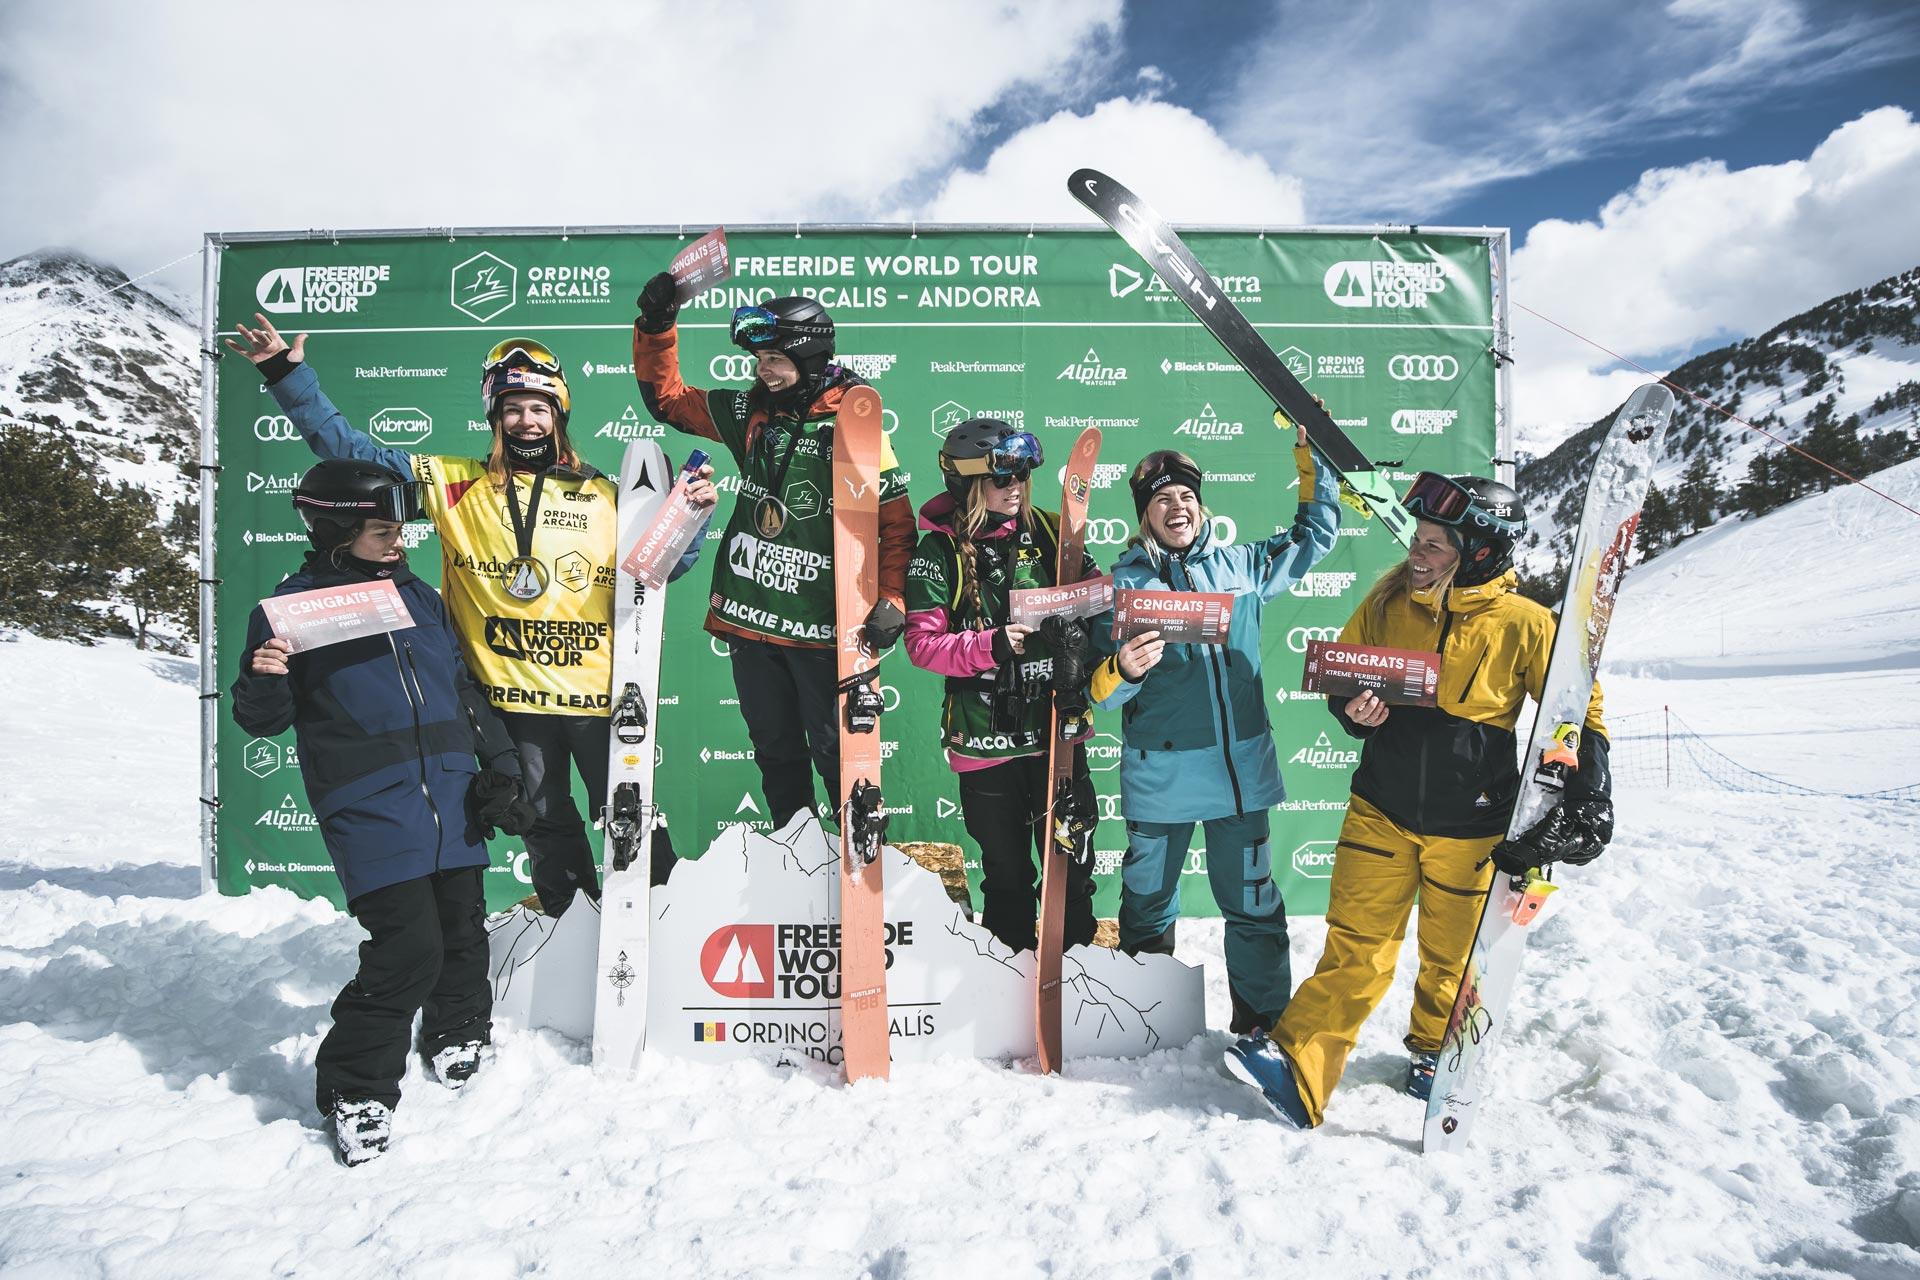 Diese sechs Frauen haben sich für das Finale der Freeride World Tour 2019 qualifiziert. - Foto: freerideworldtour.com / M. Knoll